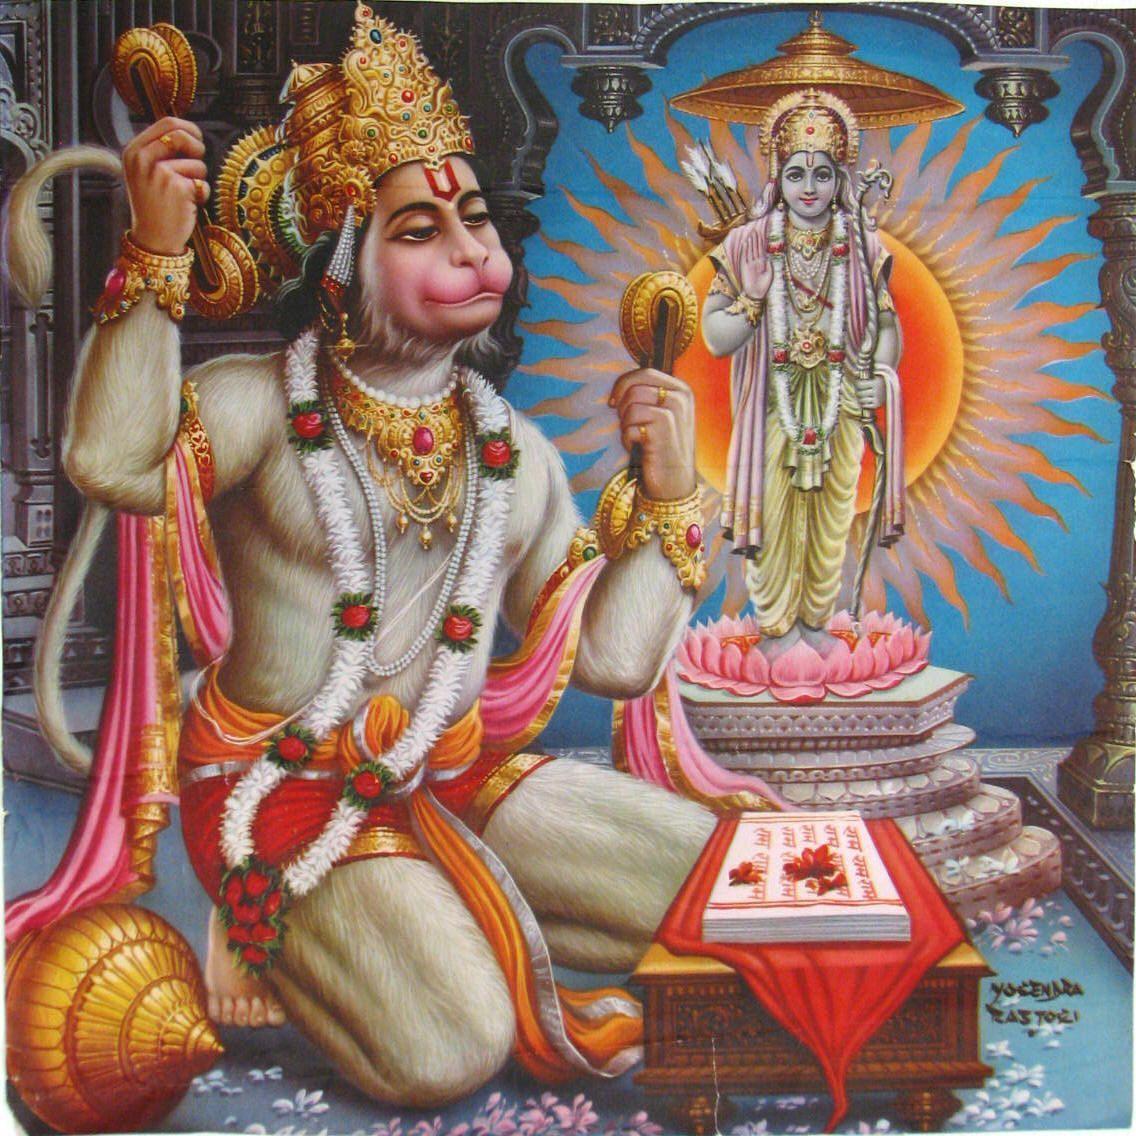 Ramayanam Serial Wallpapers - Wallpaper Cave